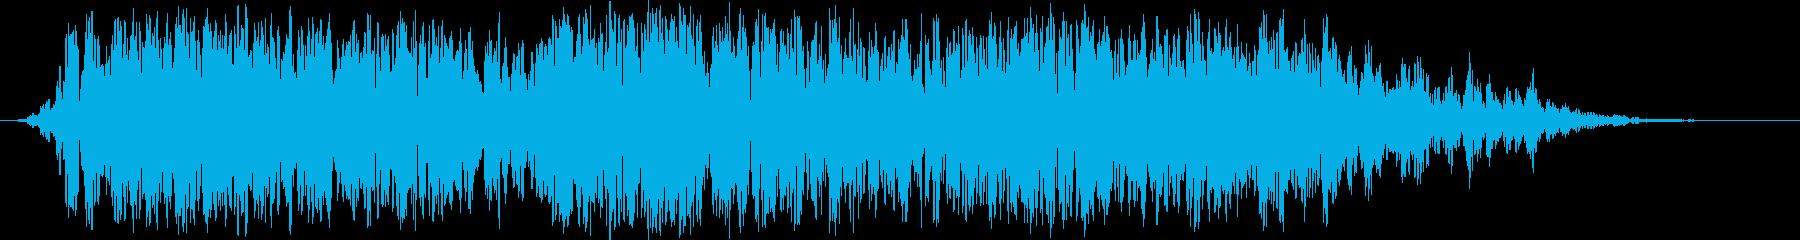 宇宙プラズマ爆発:トレーラーの再生済みの波形